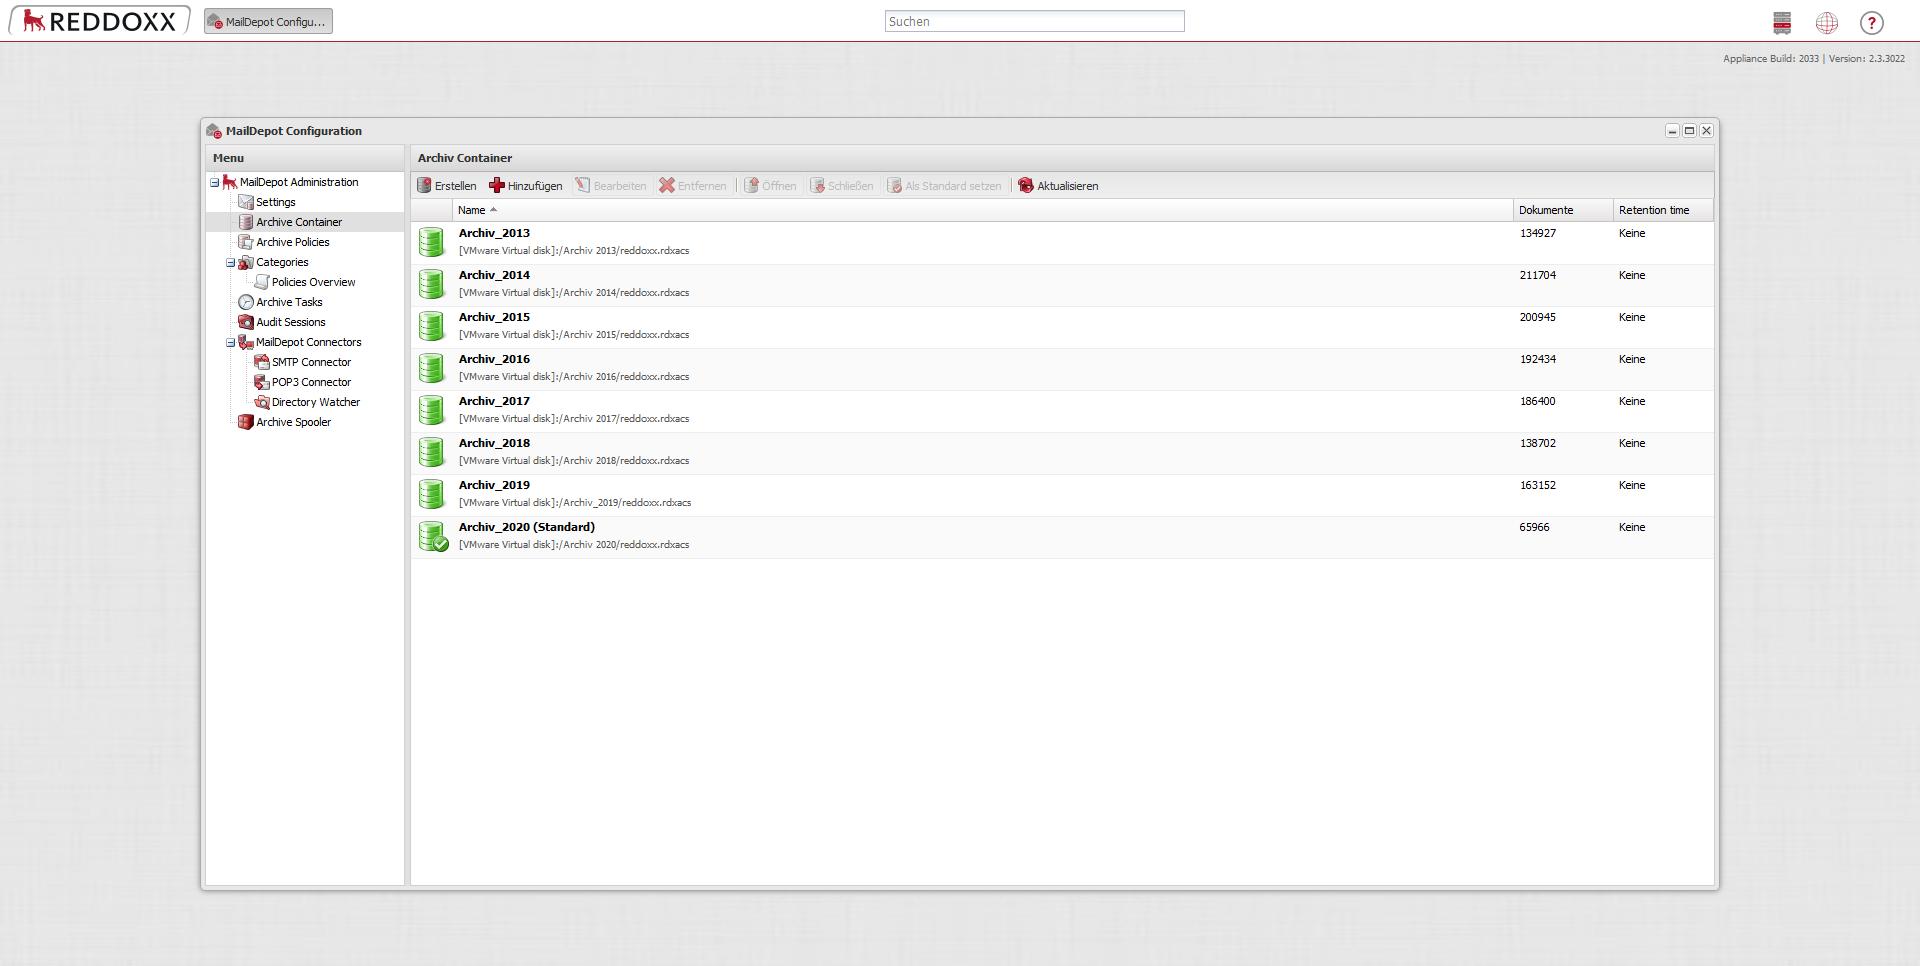 Die Archivcontainer der REDDOXX Appliance können dank Multi-Storage-Unterstützung auf verschiedene Speicherorte verteilt werden